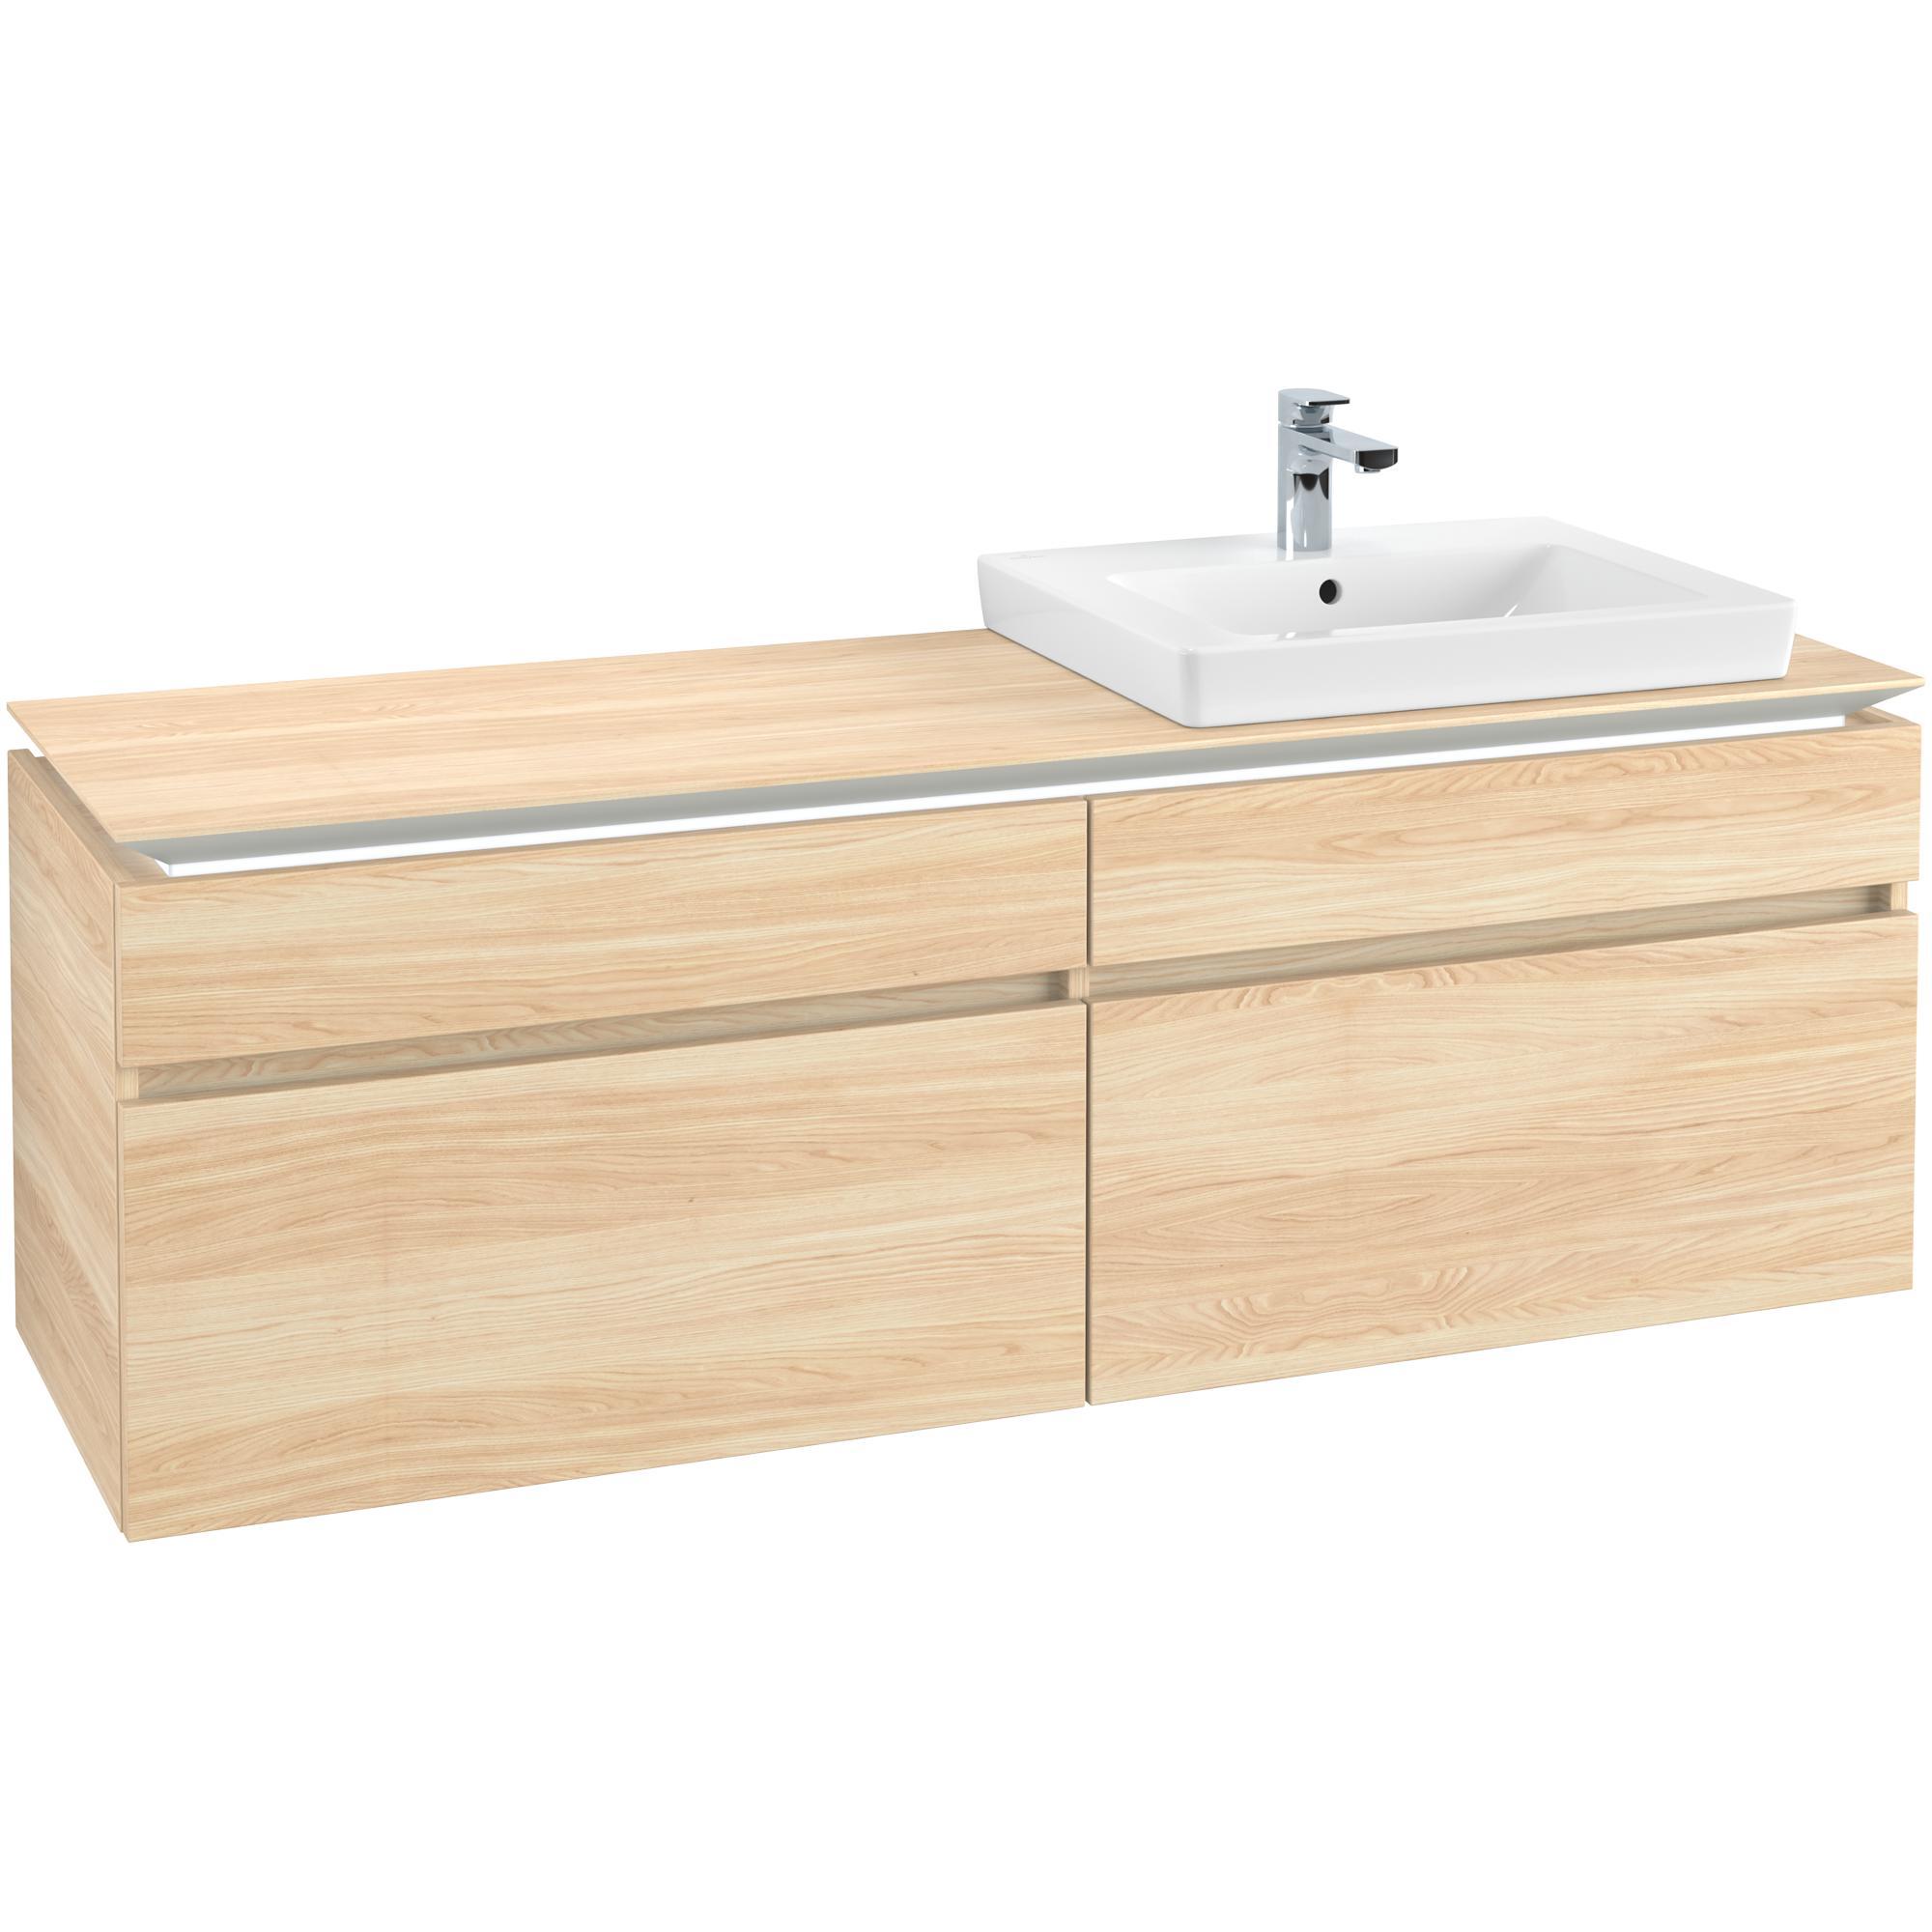 Tvättställsskåp Villeroy & Boch Legato 1600 med 4 Lådor för Ocentrerat Tvättställ från Finion & Subway